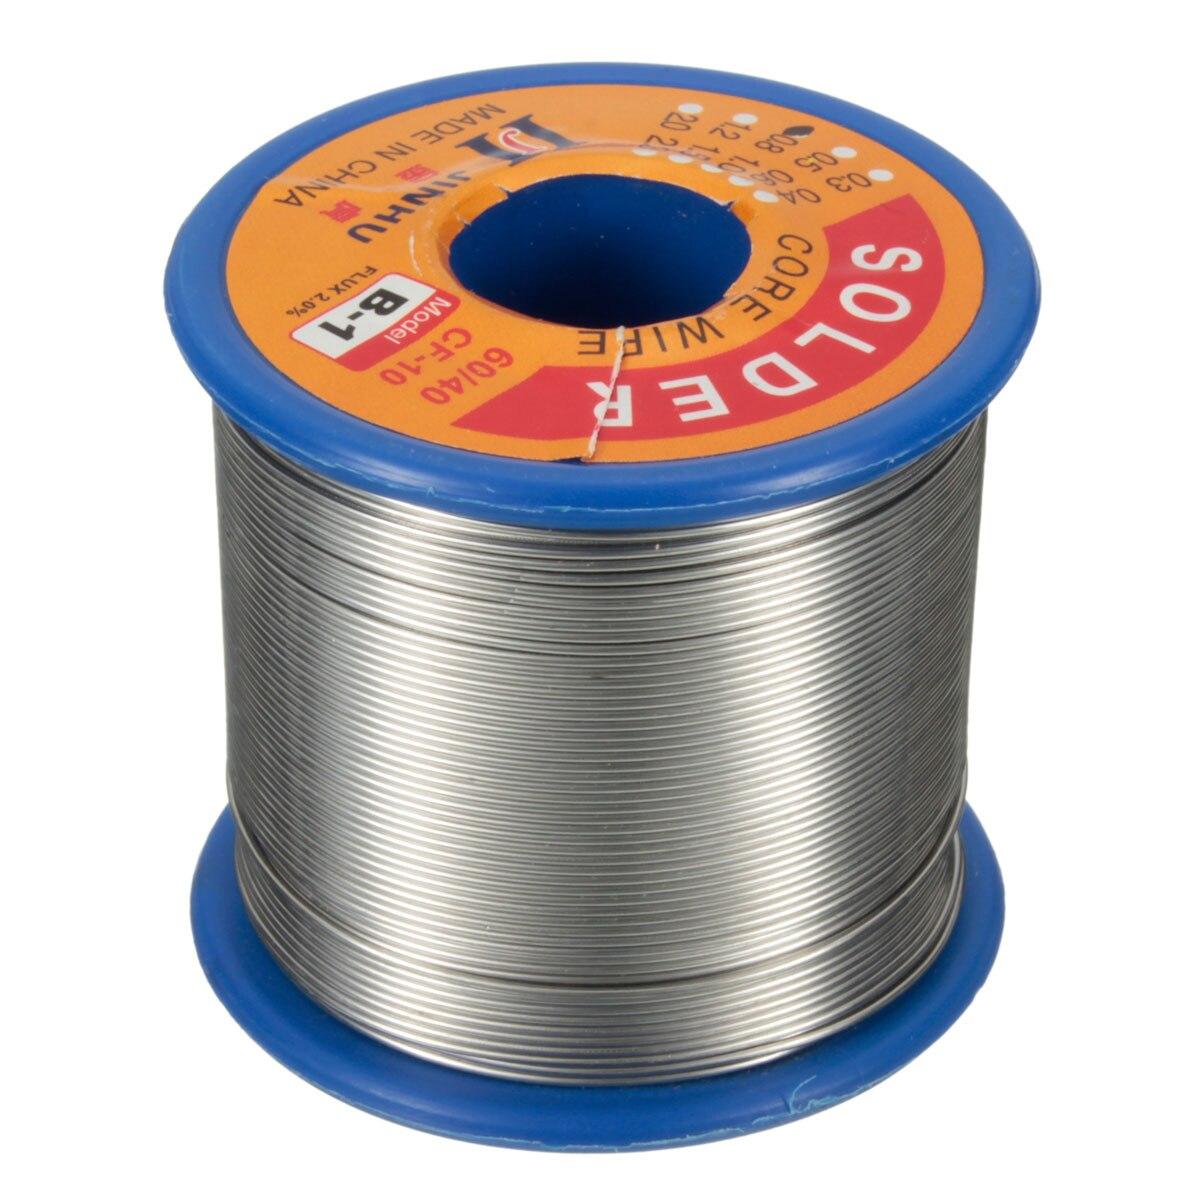 Gasless Flux Cored Welding Wire E71T-GS 71TGS 0.8mm 0.9mm 0.030 0.035 1kg 2.2lb Mini Spool Carbon Steel Welding Material 0.8mm 0.030